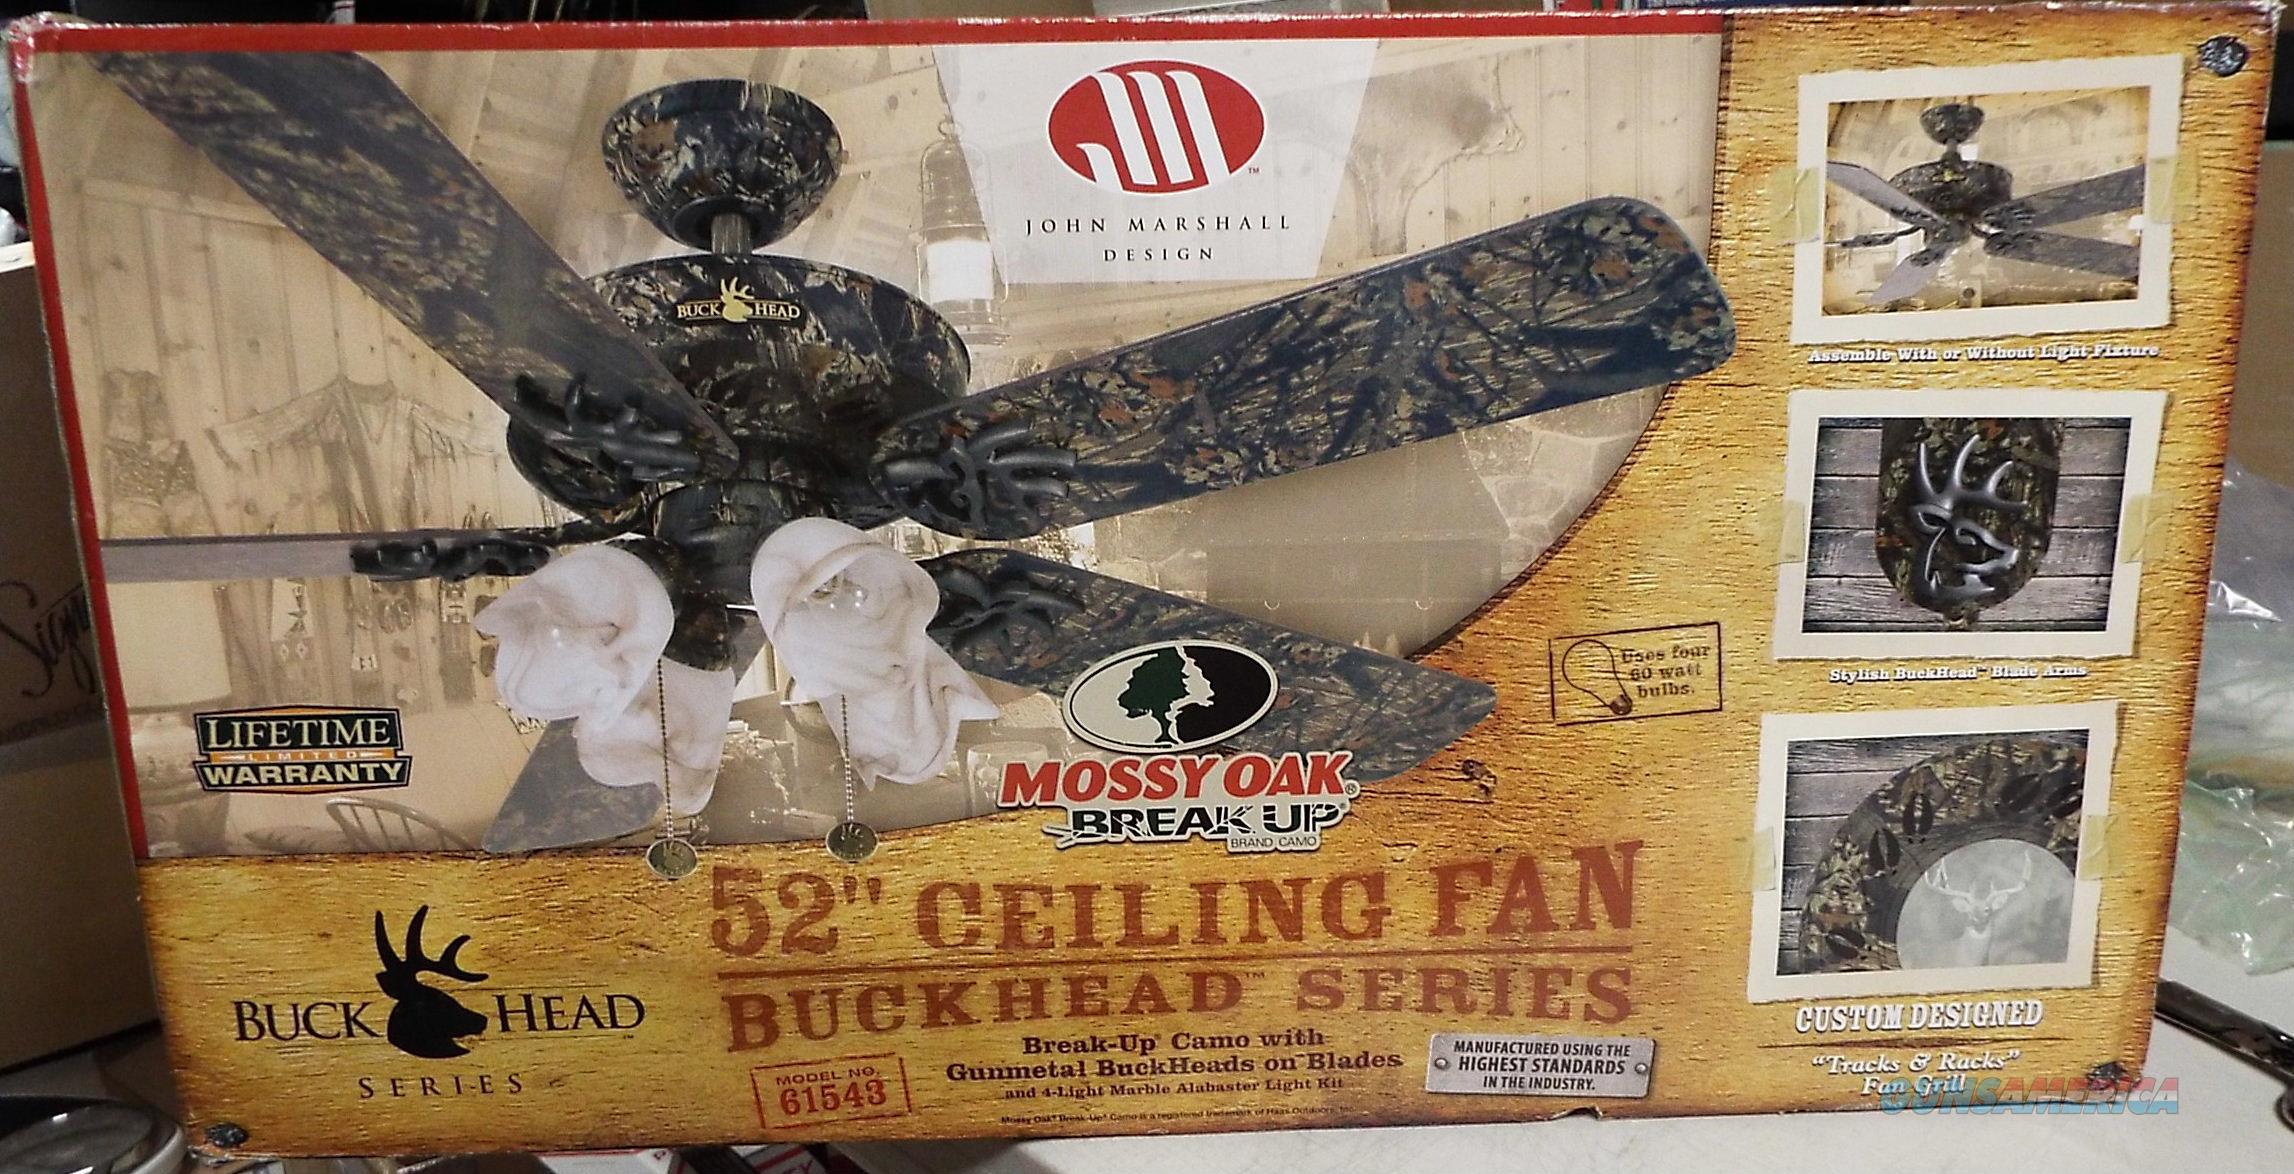 Mossy oak buckhead ceiling fan mobu camo w lig for sale 11202645g aloadofball Image collections